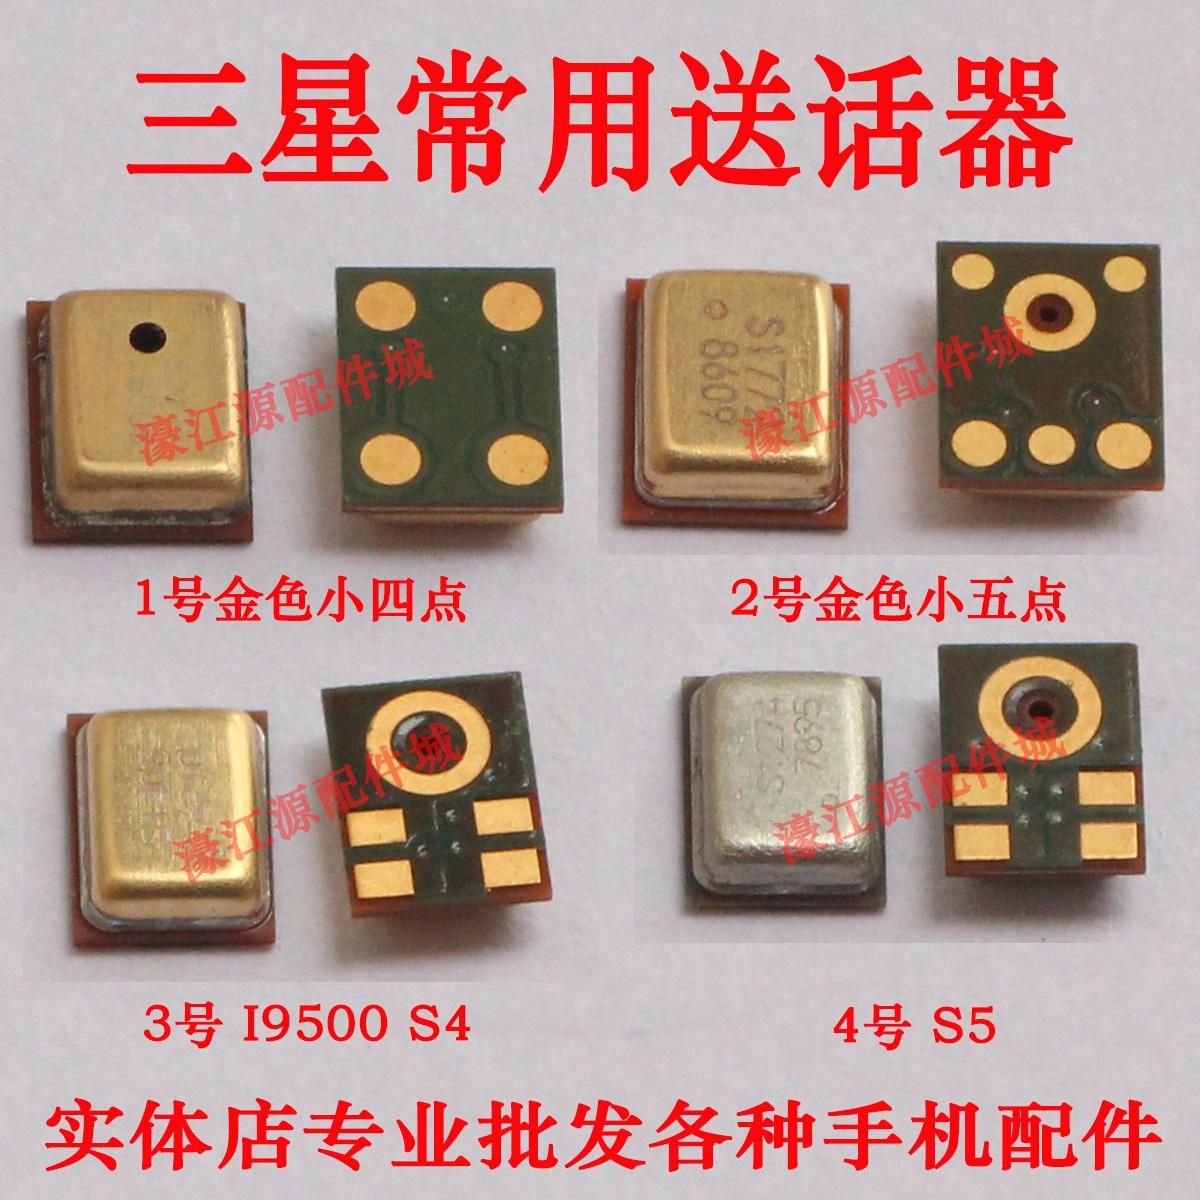 三星I9300 I9500 S3 S4  N7100 I9100 NOTE3 S6 S7 S5送话器I9220